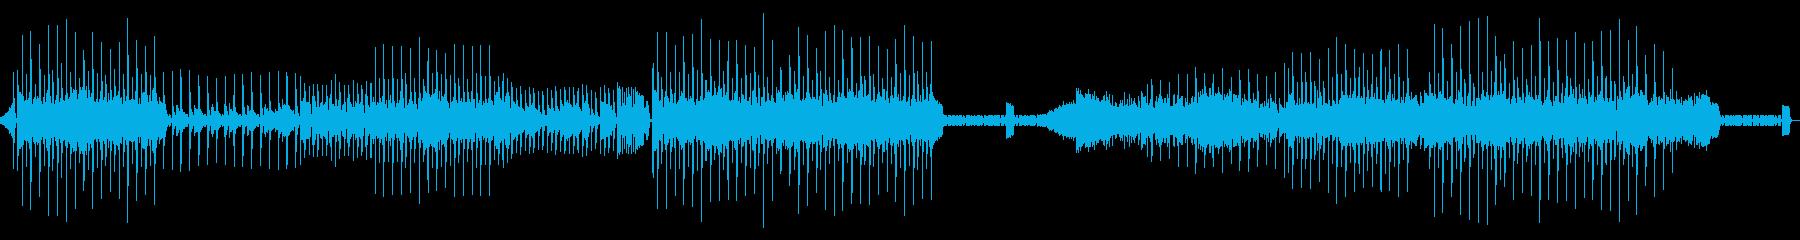 弾むリズムのディスコミュージックの再生済みの波形